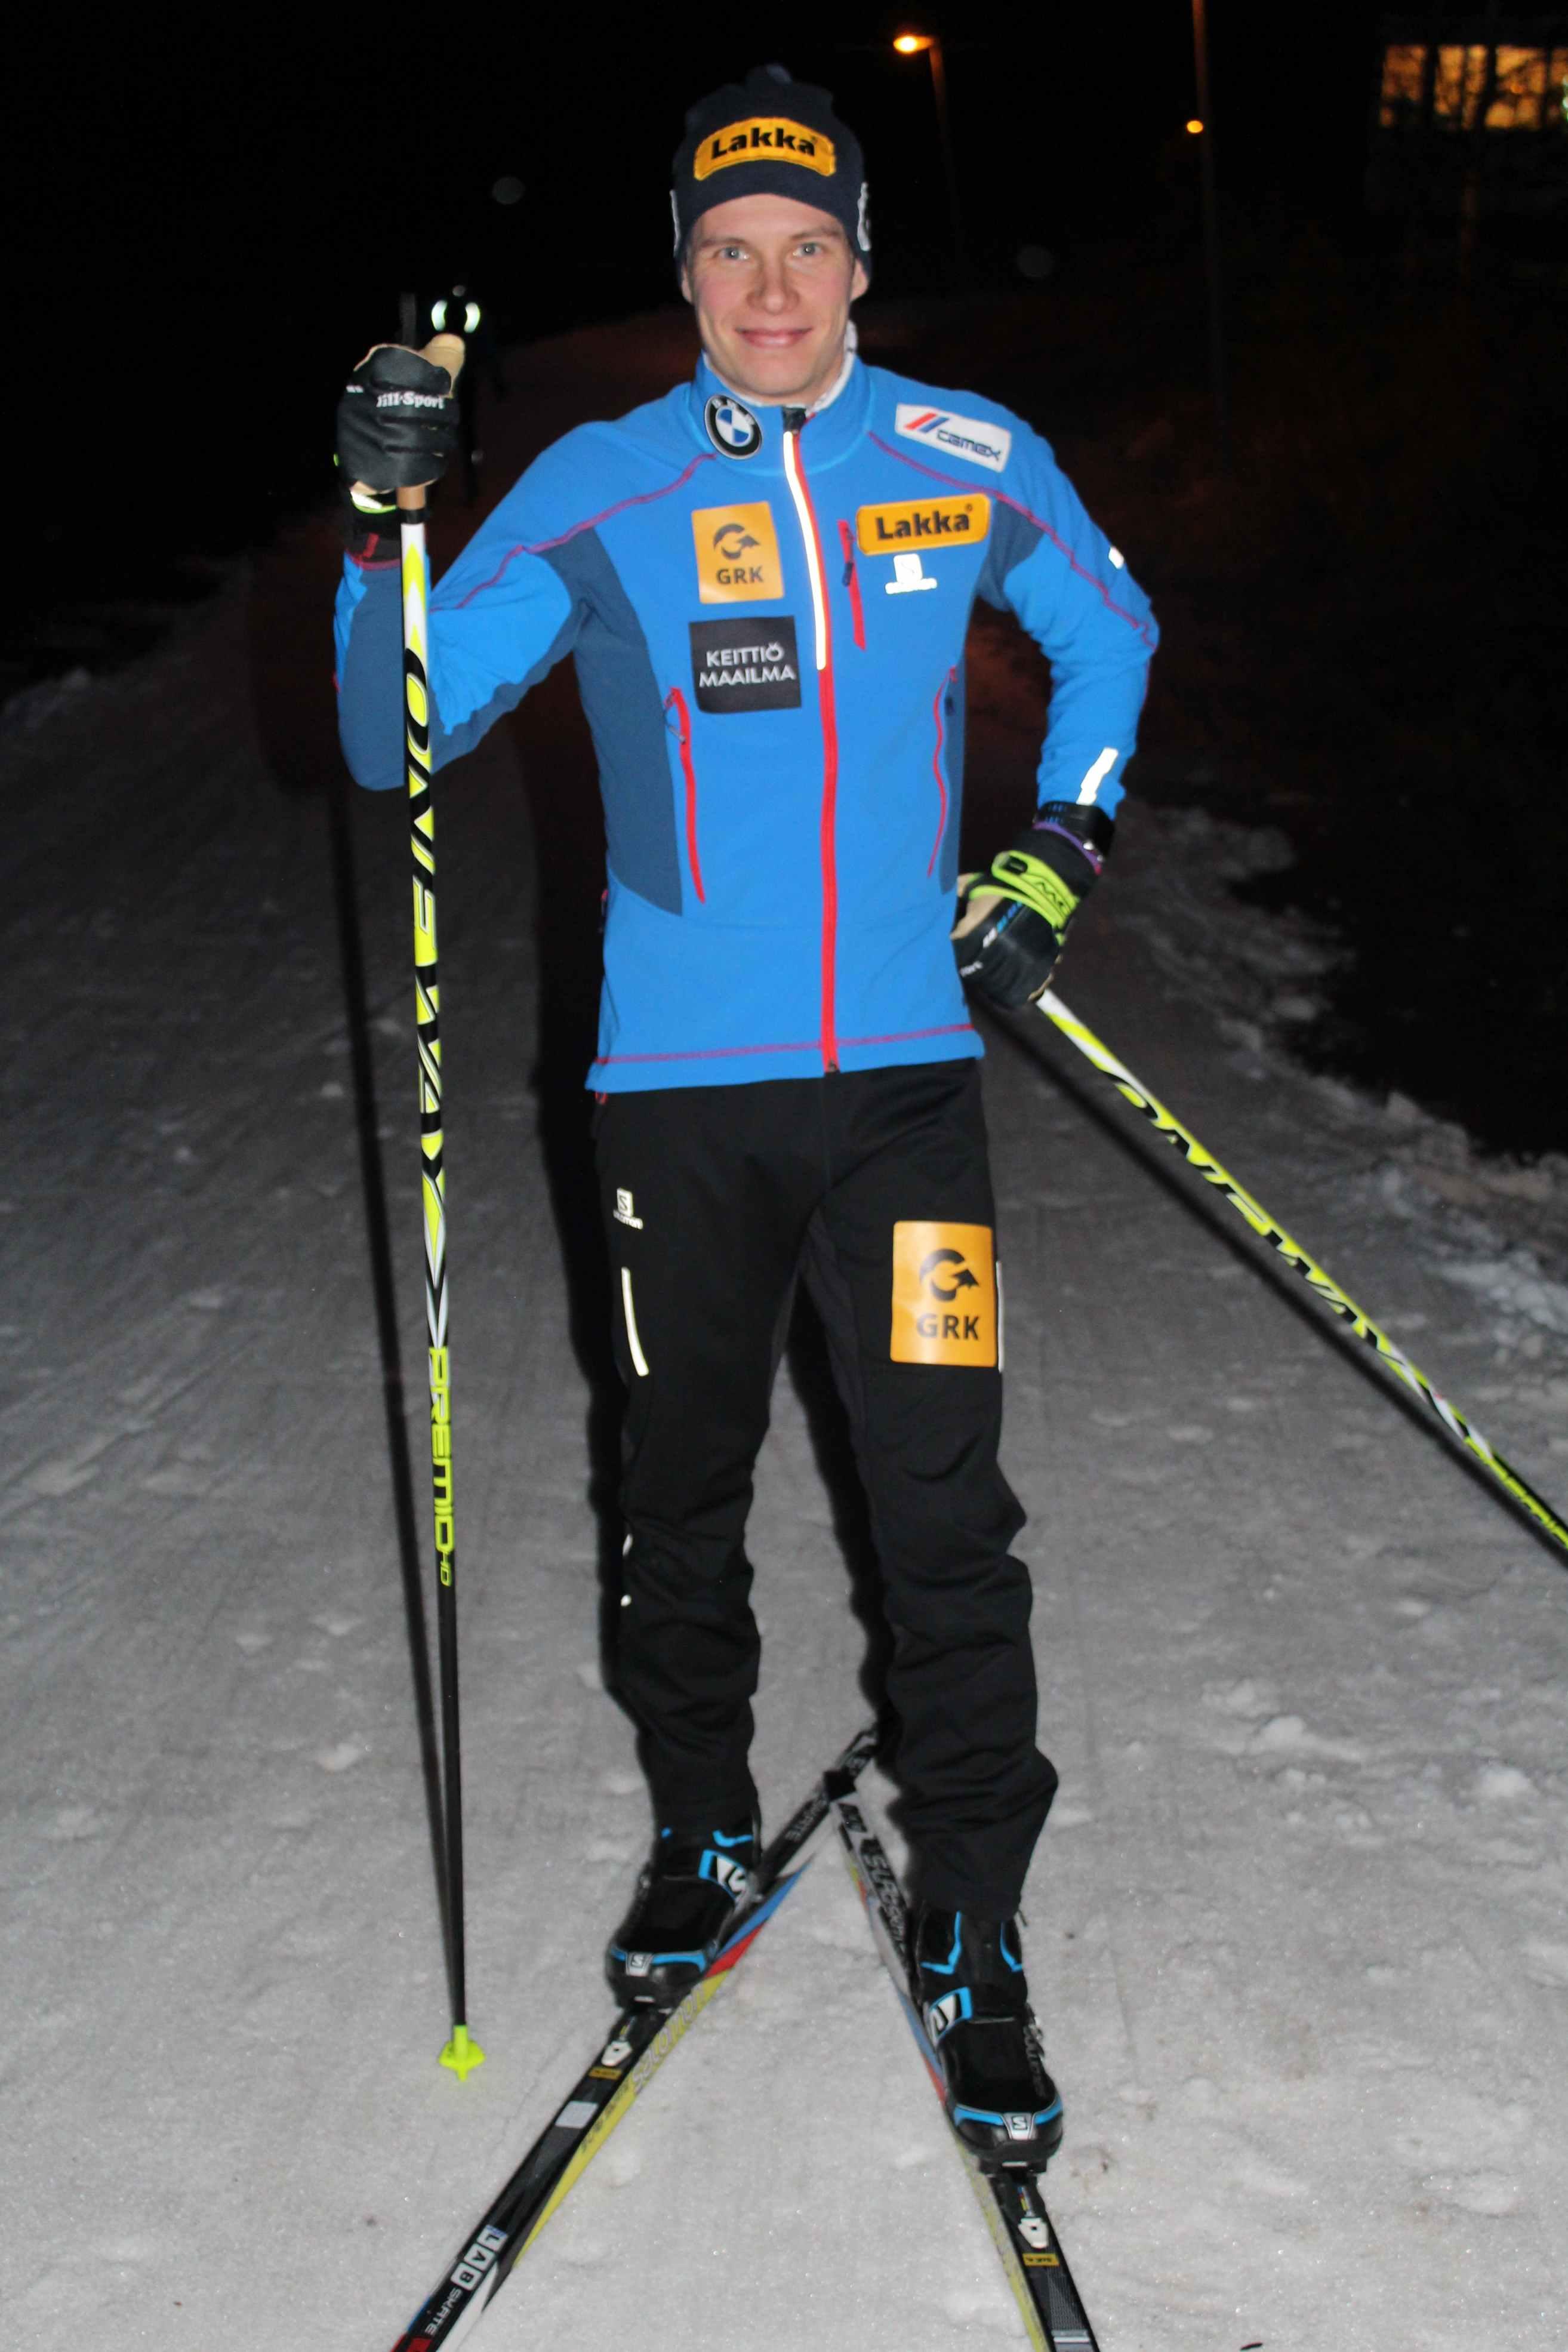 Ari Hynynen